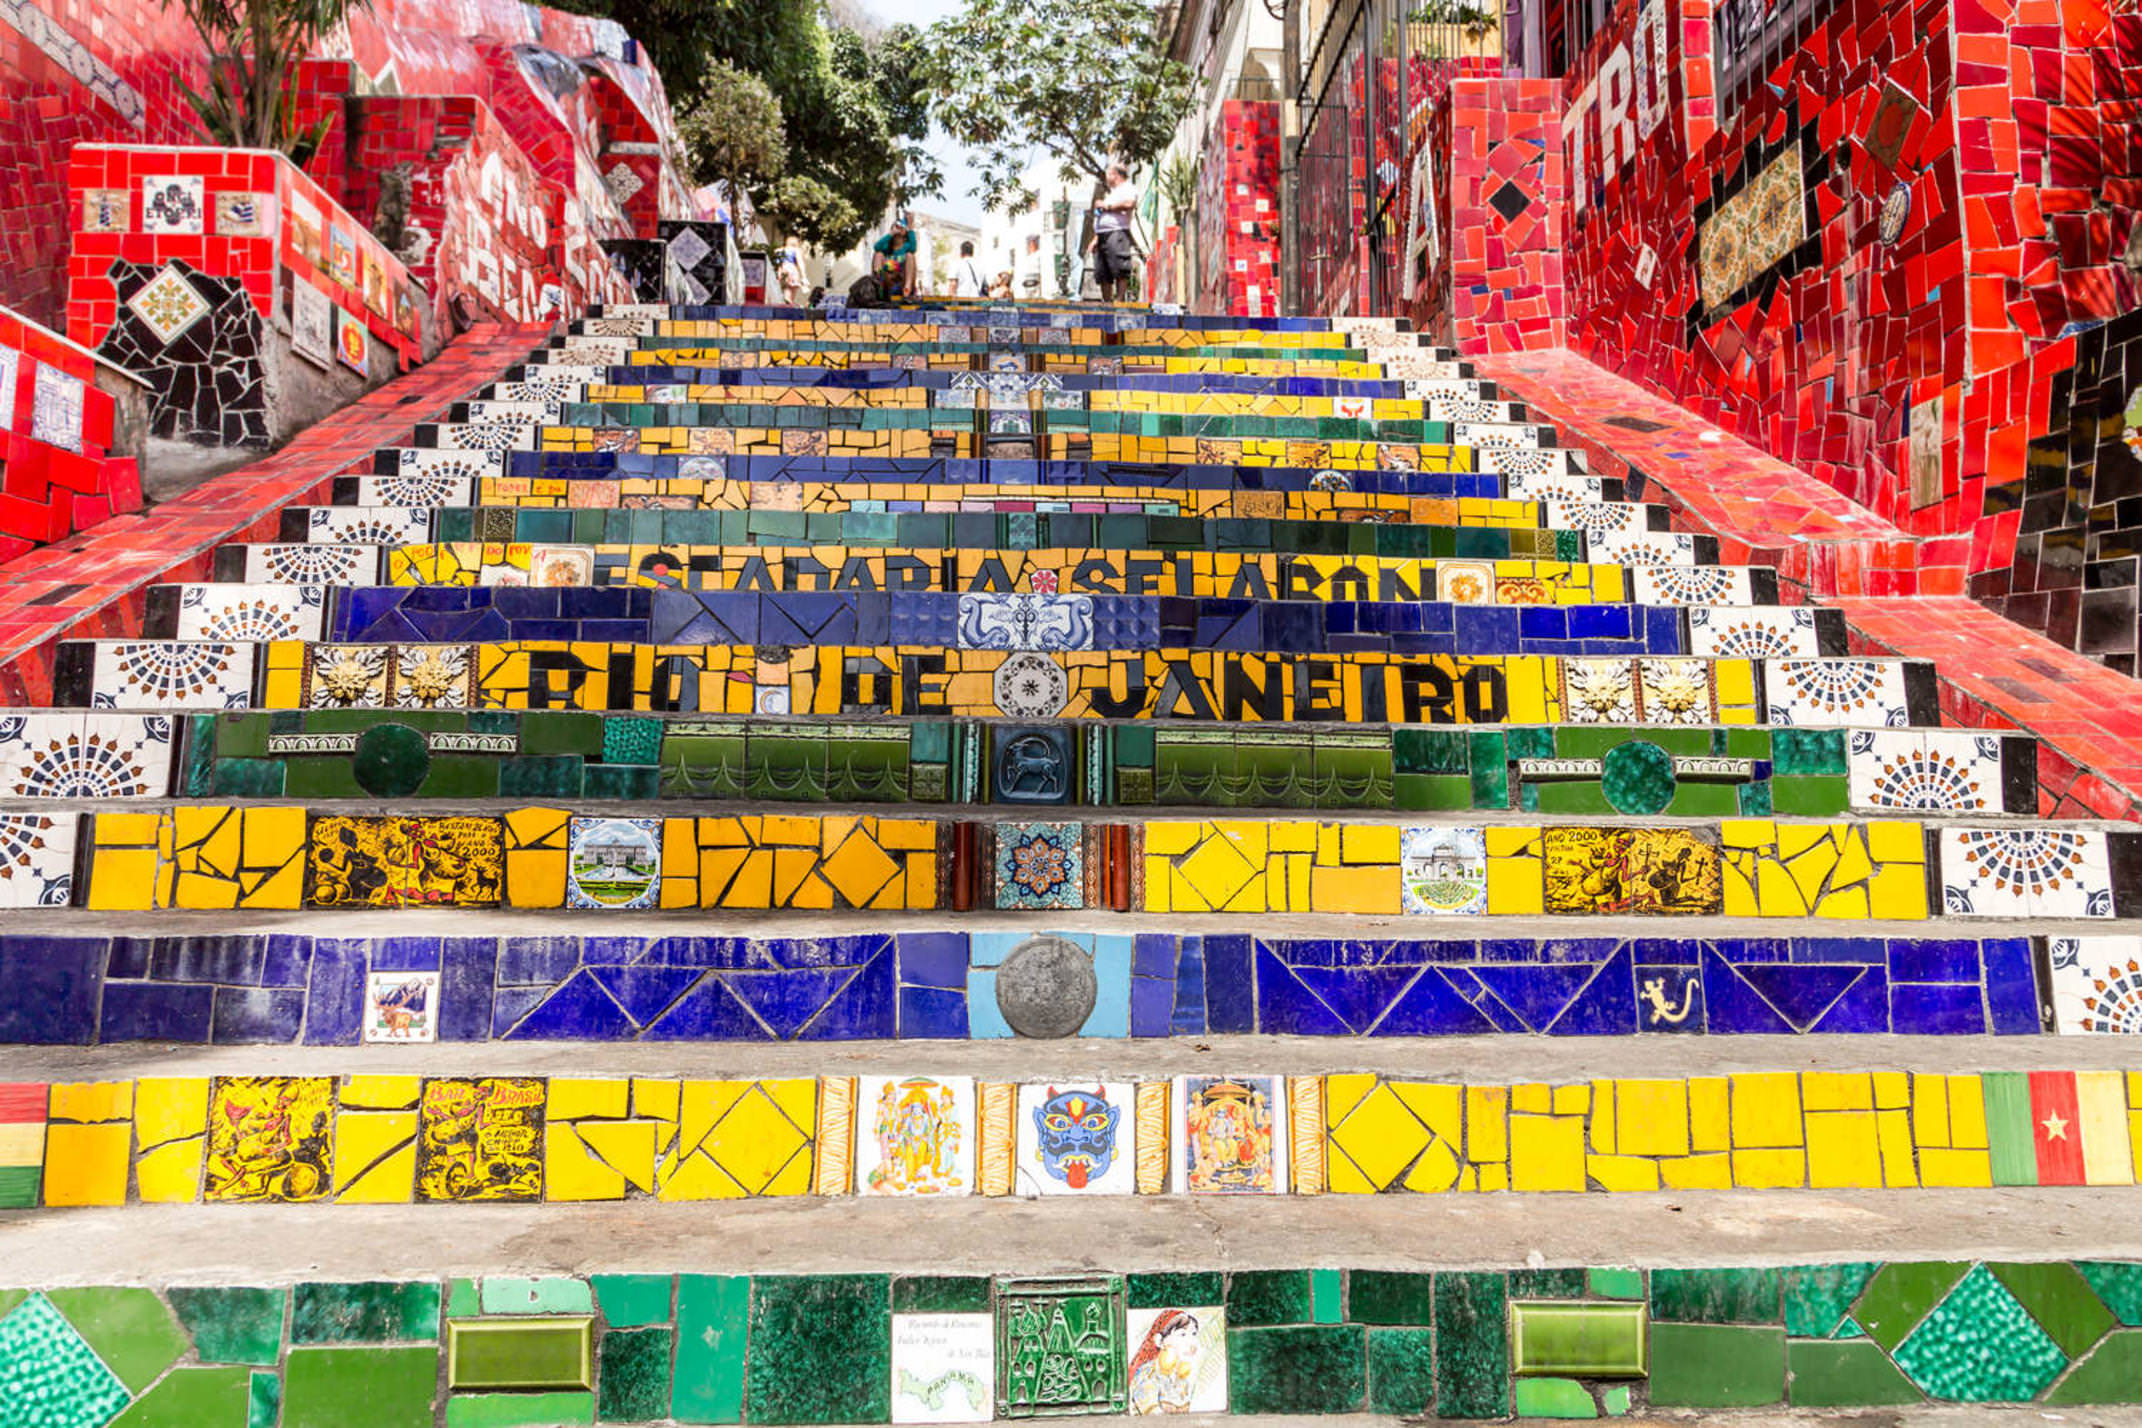 Brazil rio de janeiro escadaria selaron rio de janeiro brazil